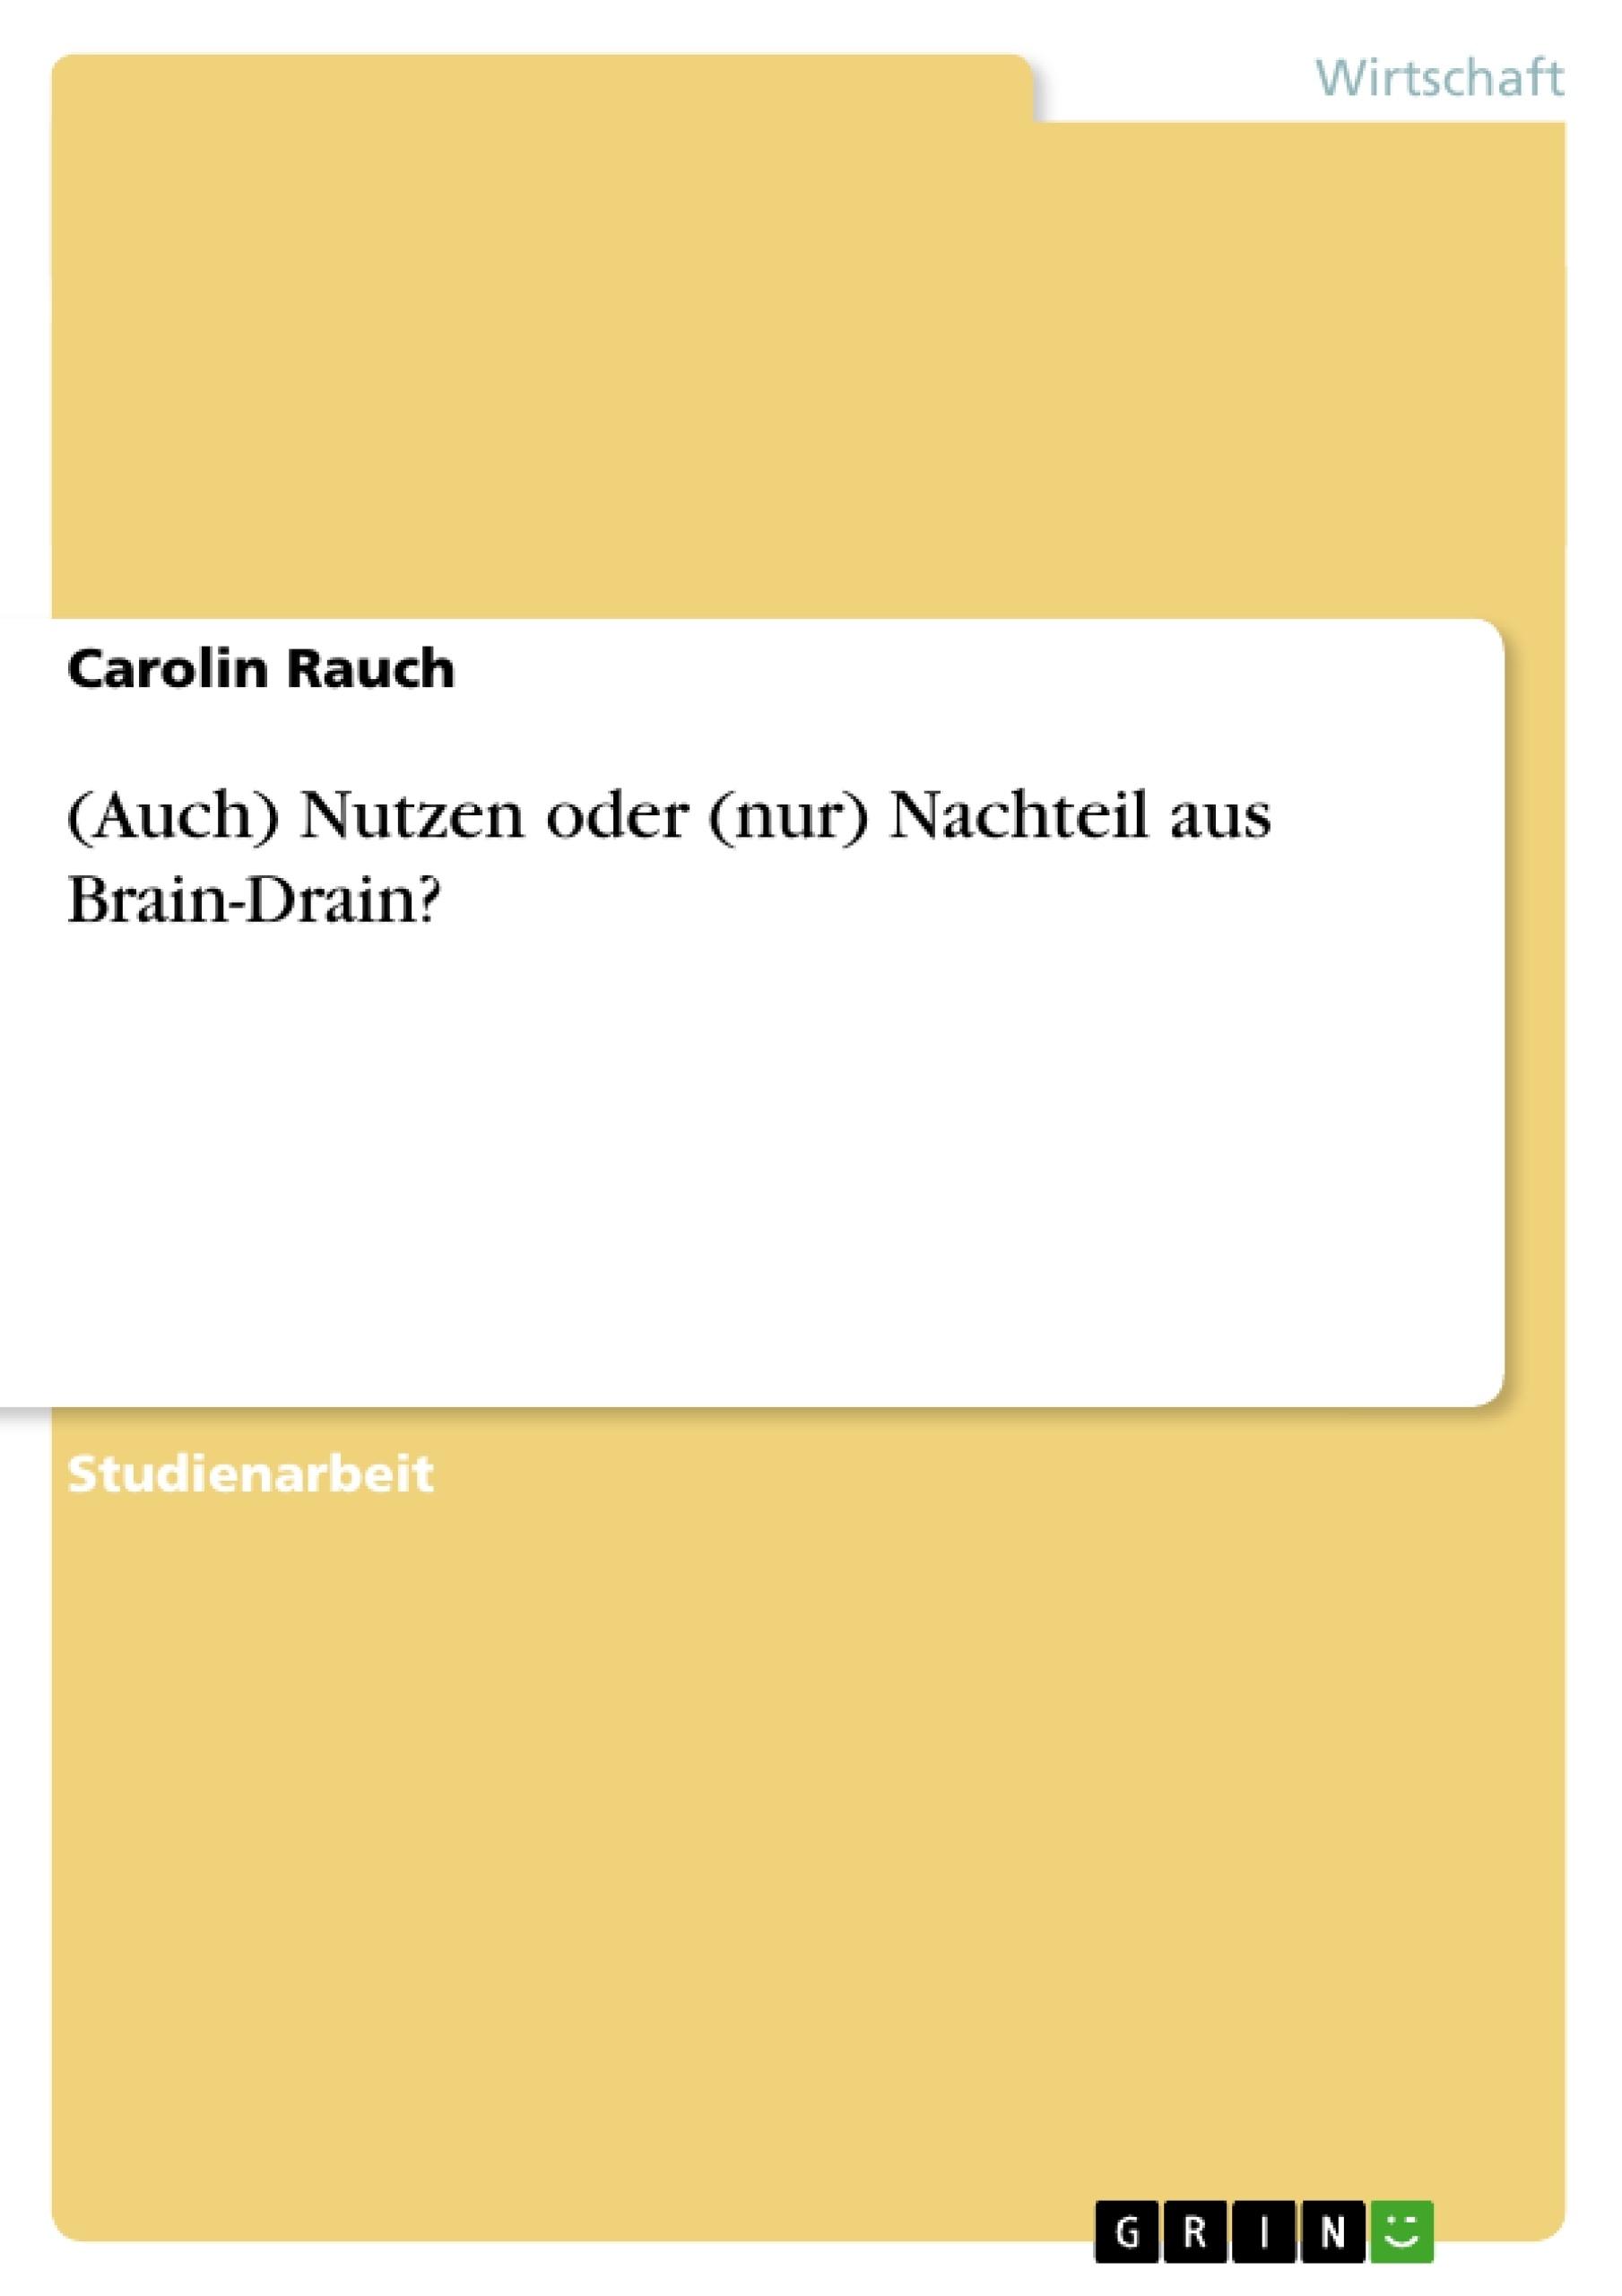 Titel: (Auch) Nutzen oder (nur) Nachteil aus Brain-Drain?